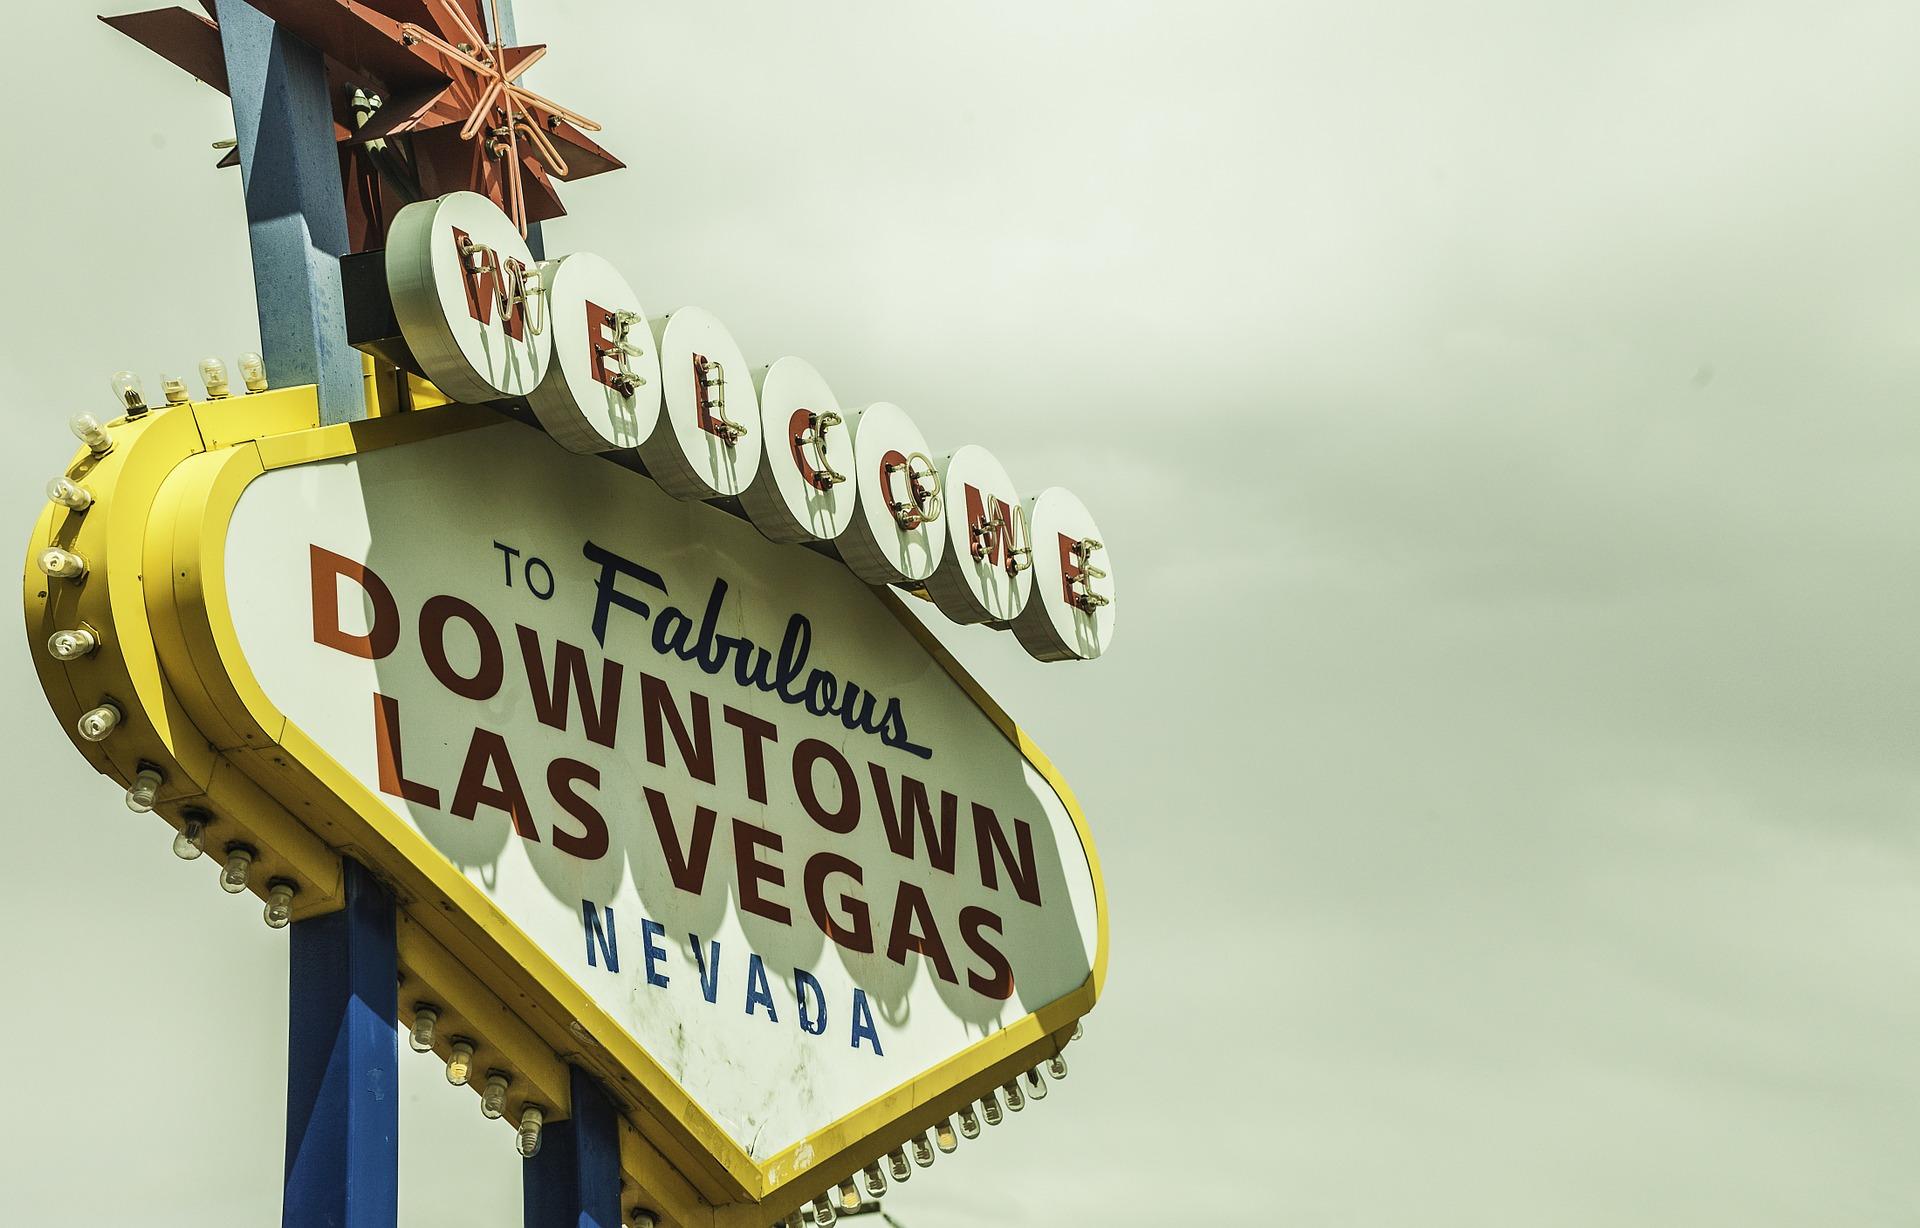 downtown-las-vegas